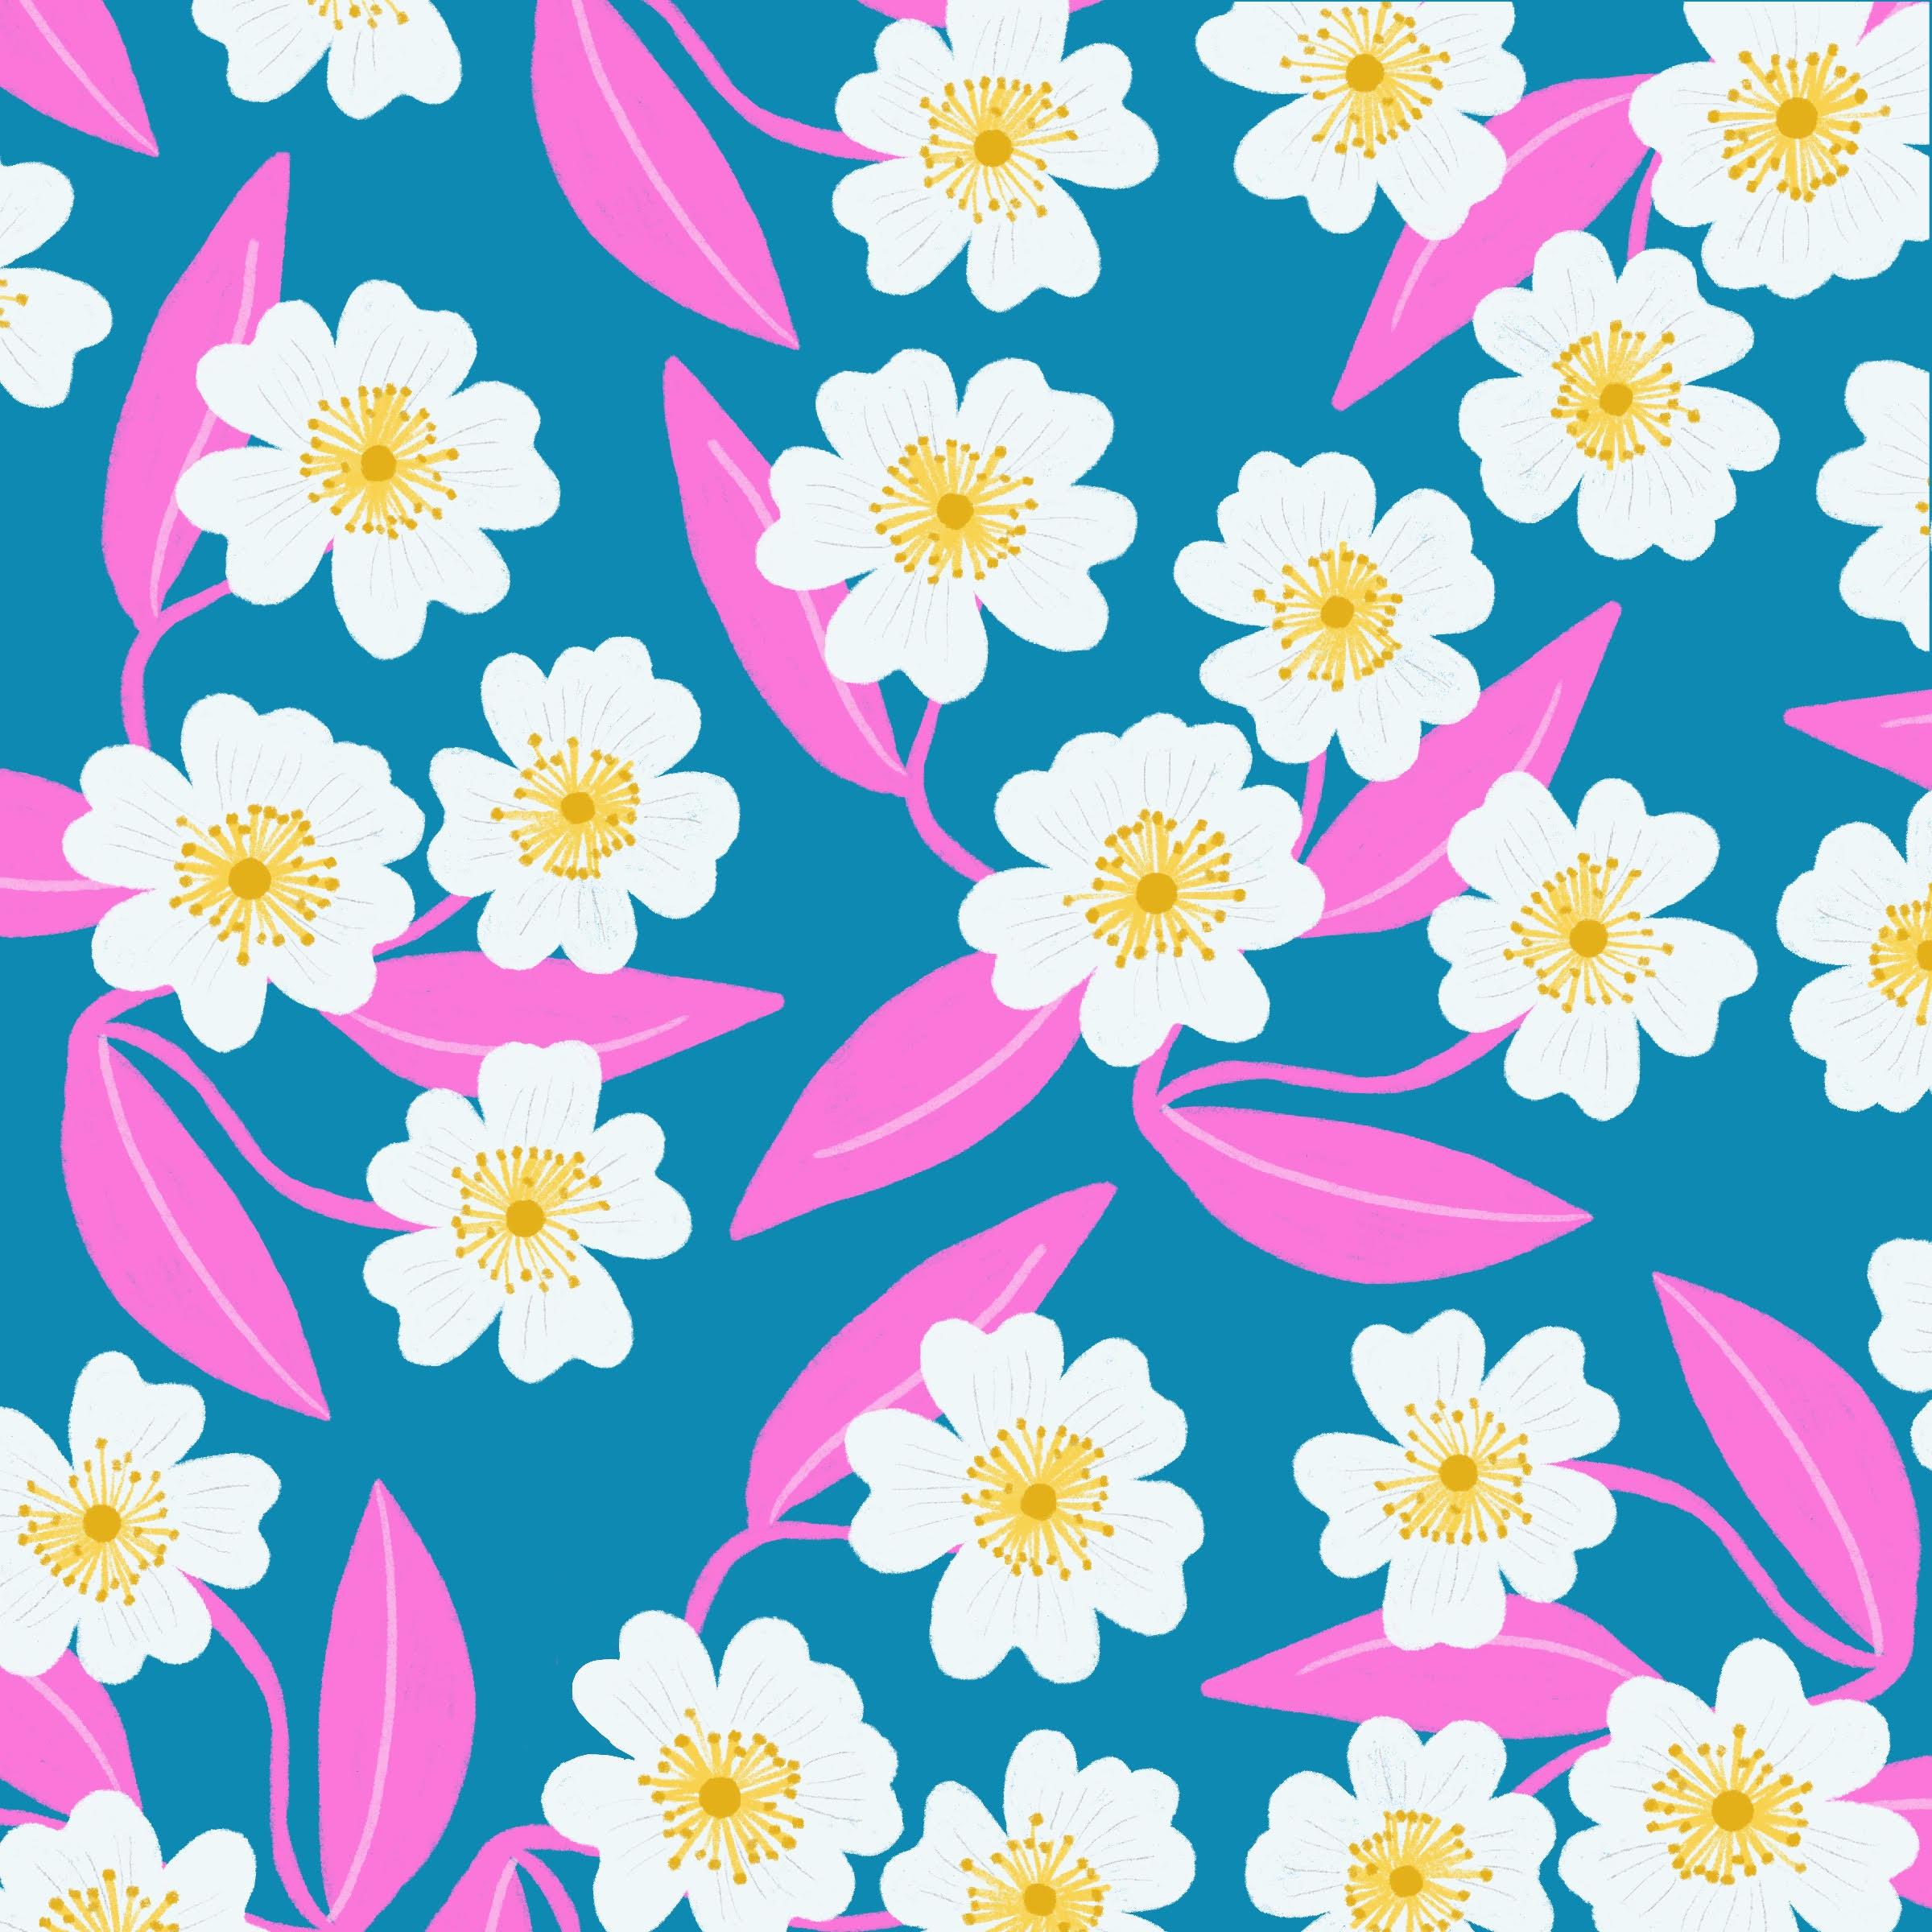 7-19 Floral.jpg